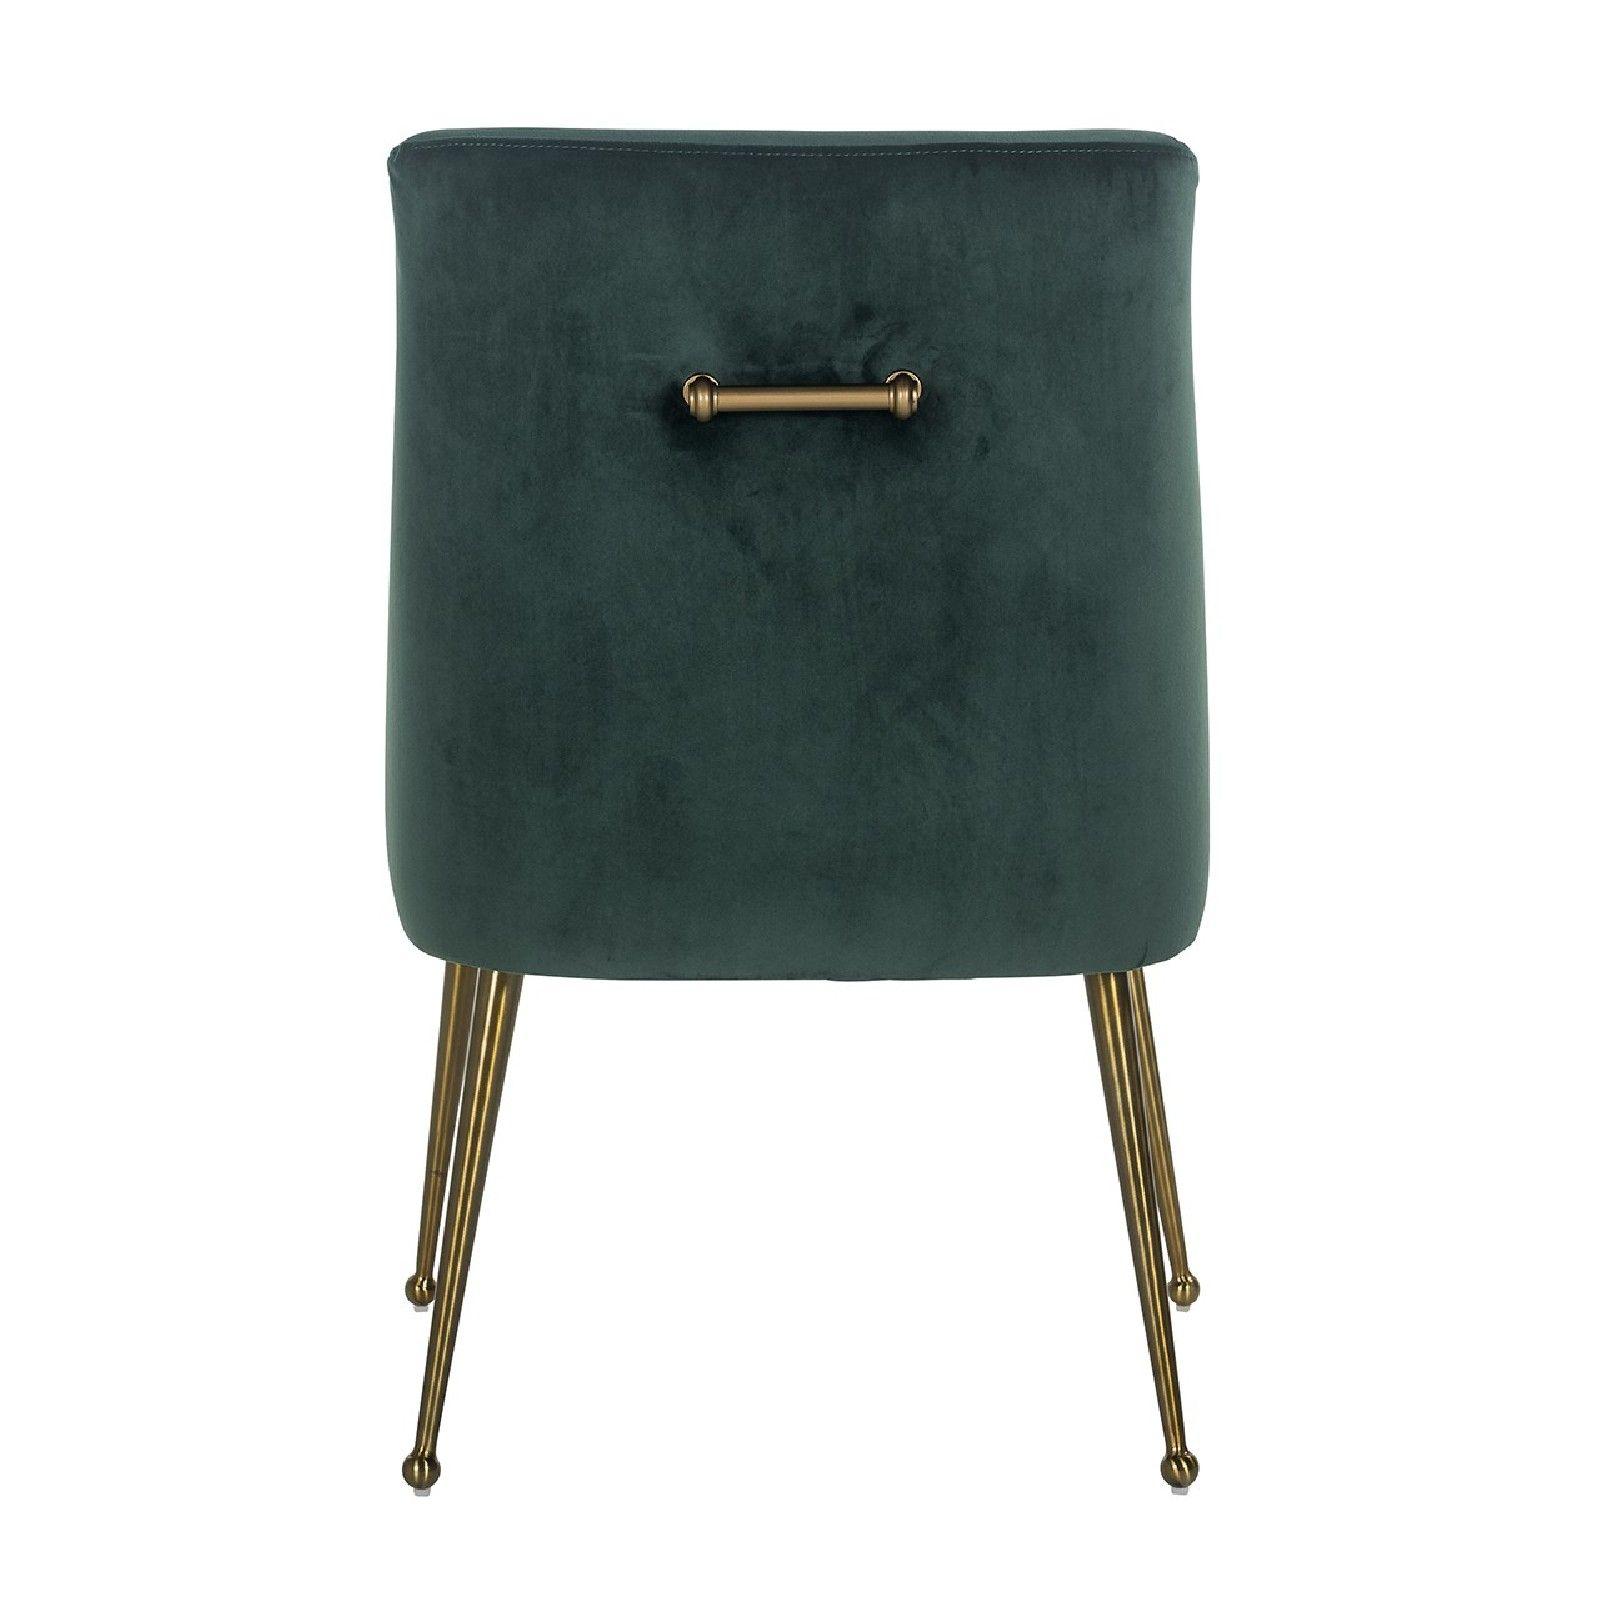 Chaise Indy Green velvet / dorée Salle à manger - 132